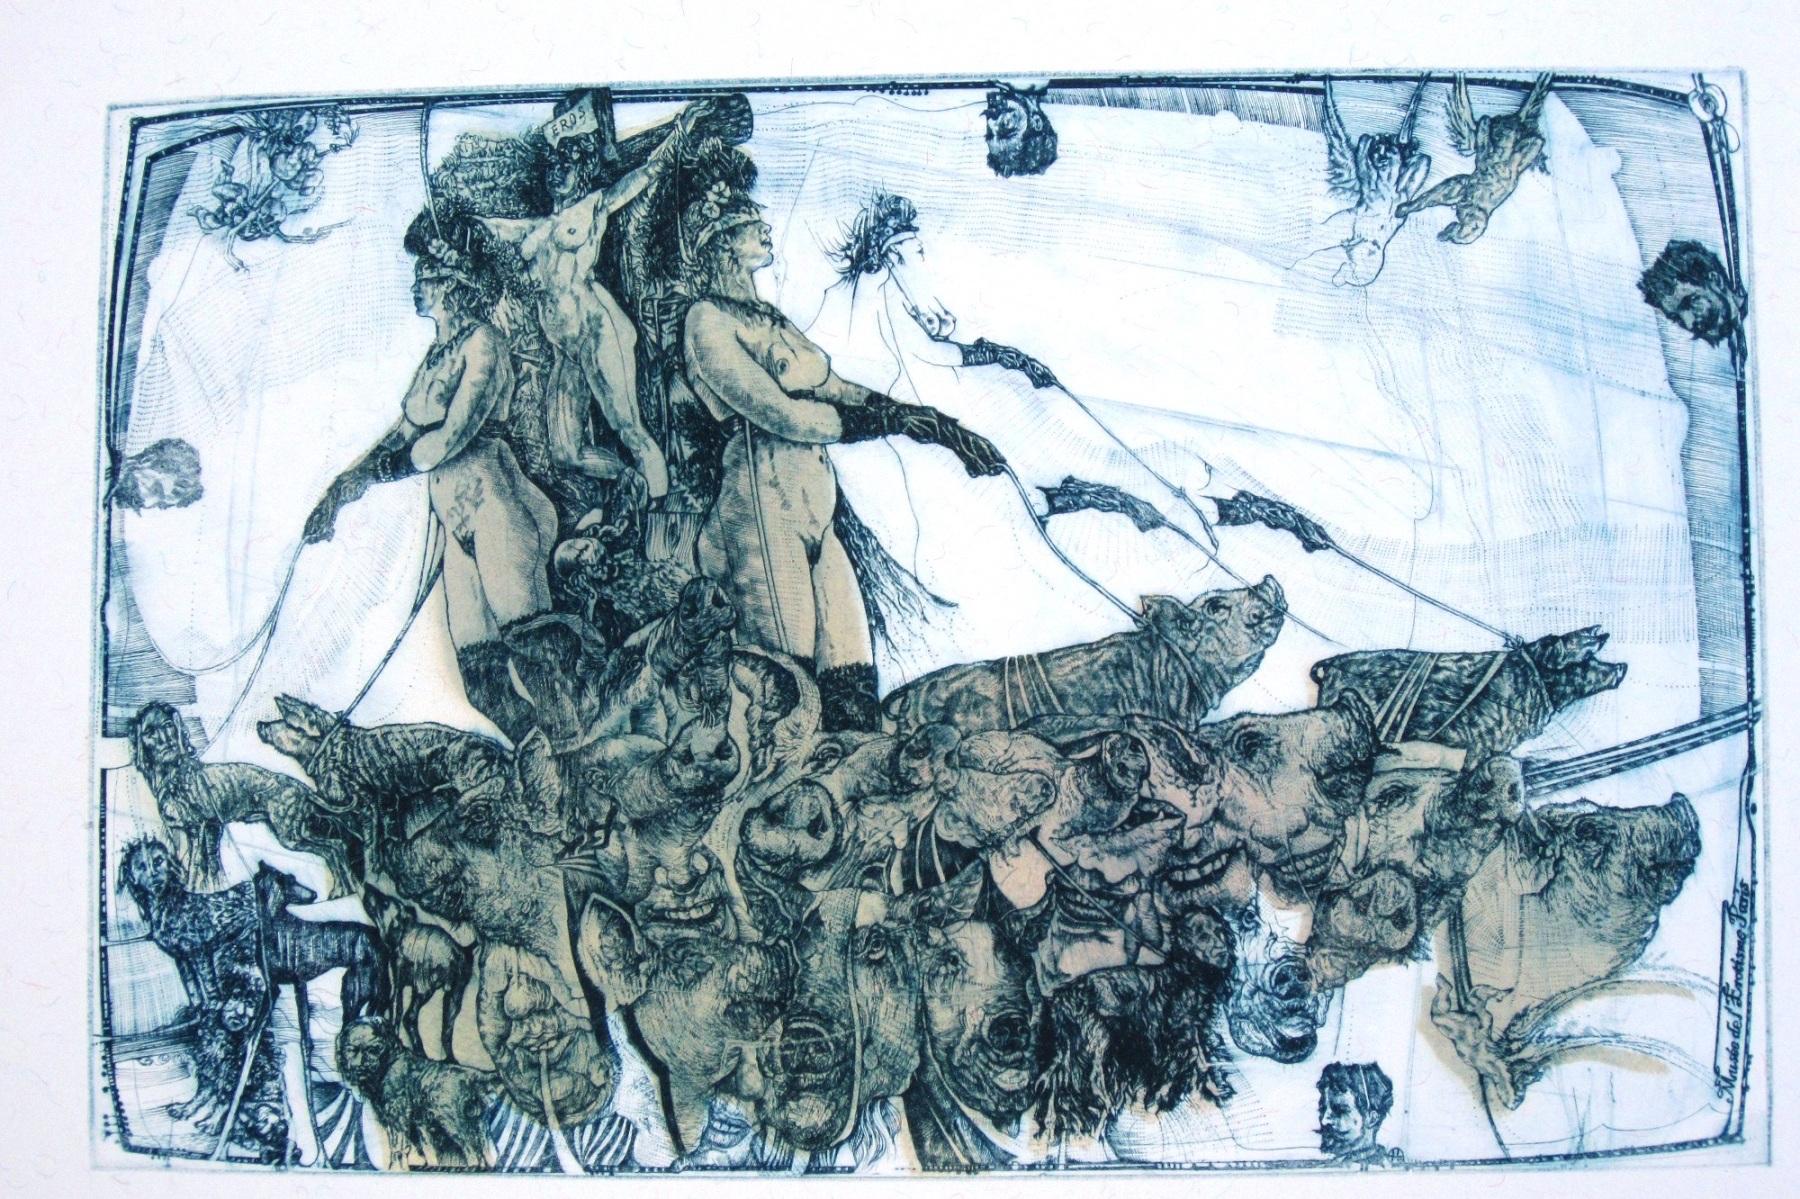 """Pavel Hlavatý, """"Obrazy snów i rzeczywistości"""" (źródło: materiały prasowe organizatora)"""